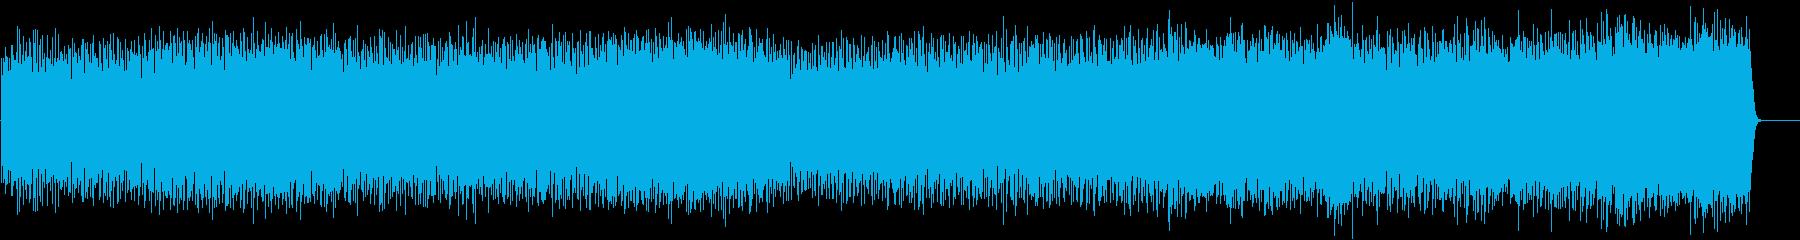 情熱的で爽やかなポップ(フルサイズ)の再生済みの波形